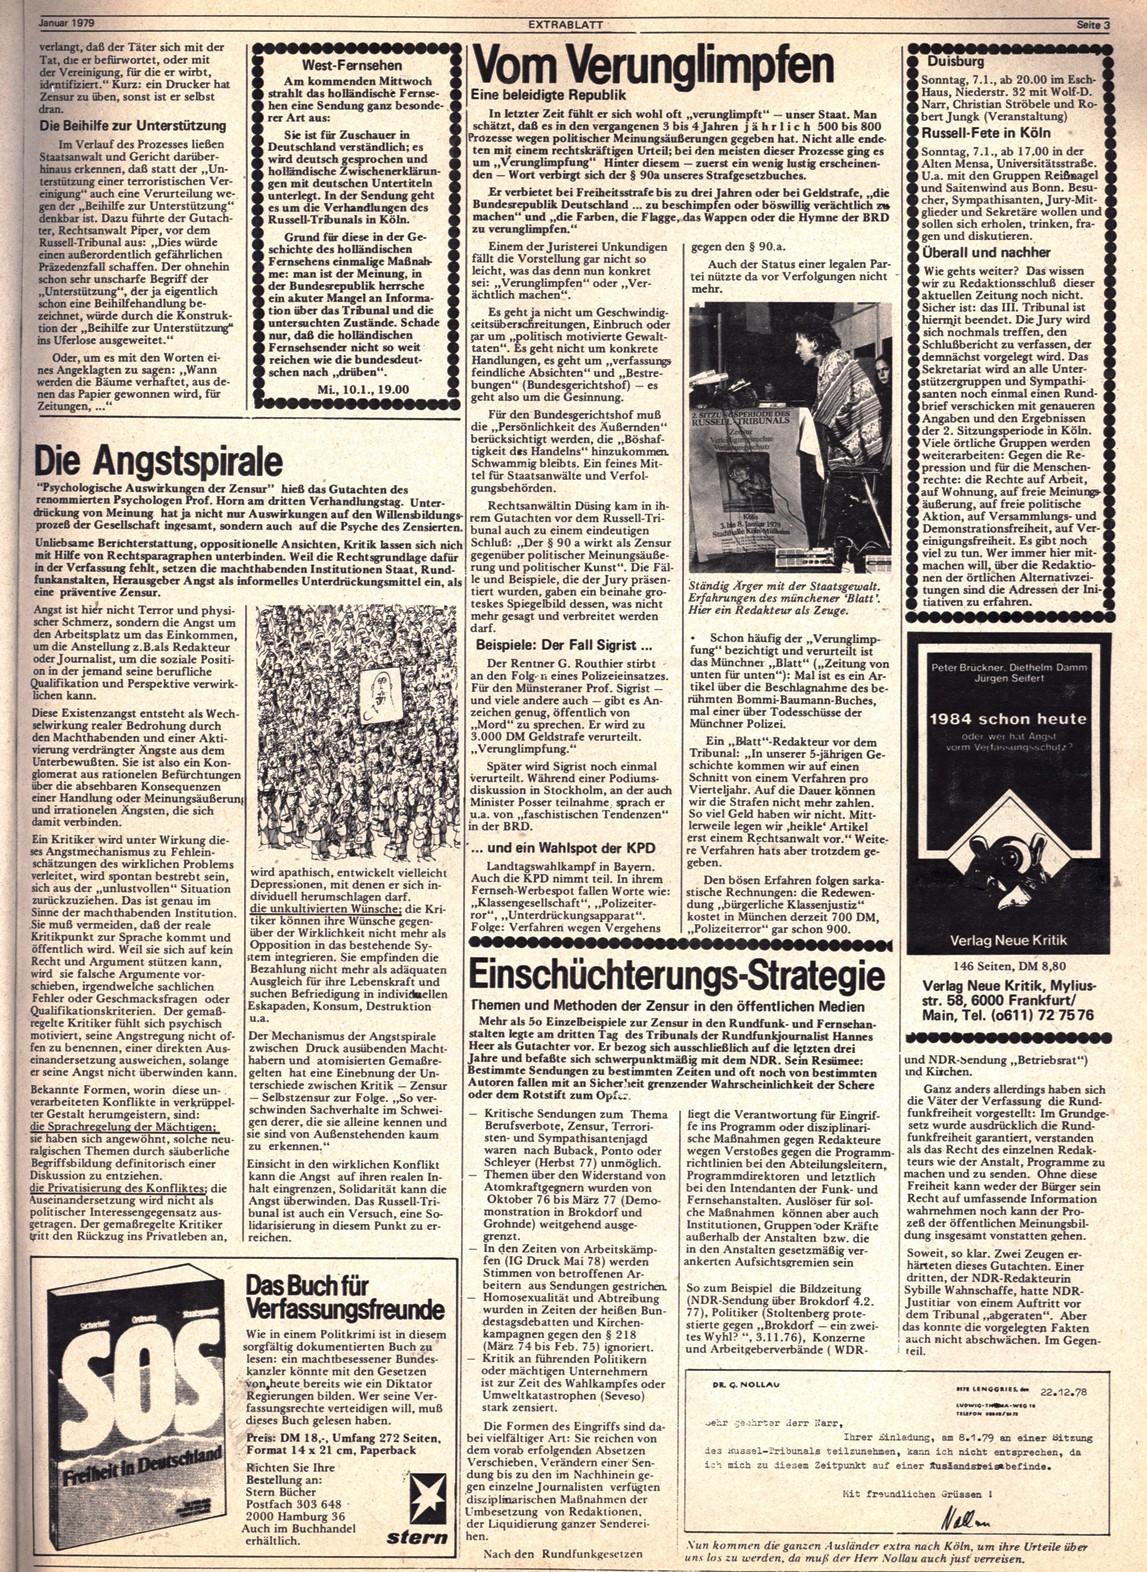 Bonner_Volksblatt_Extra_19790103_03